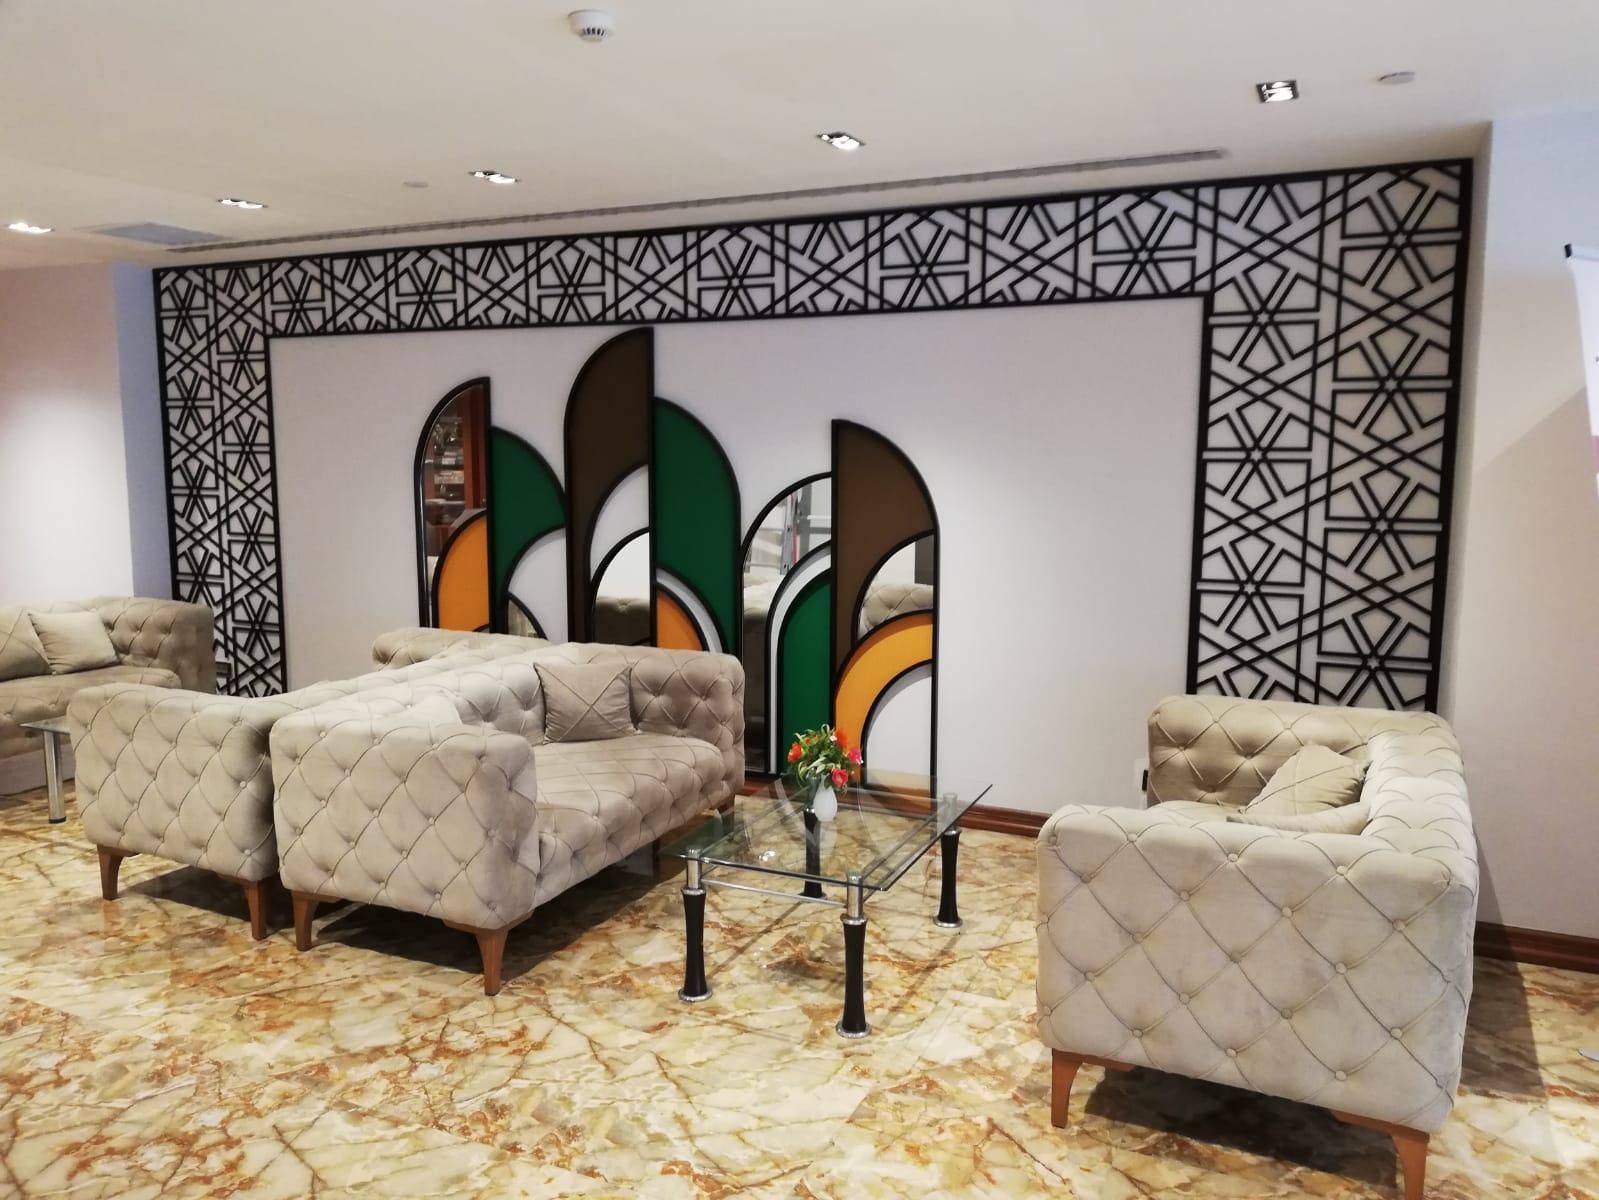 Görsel duvar tasarımı